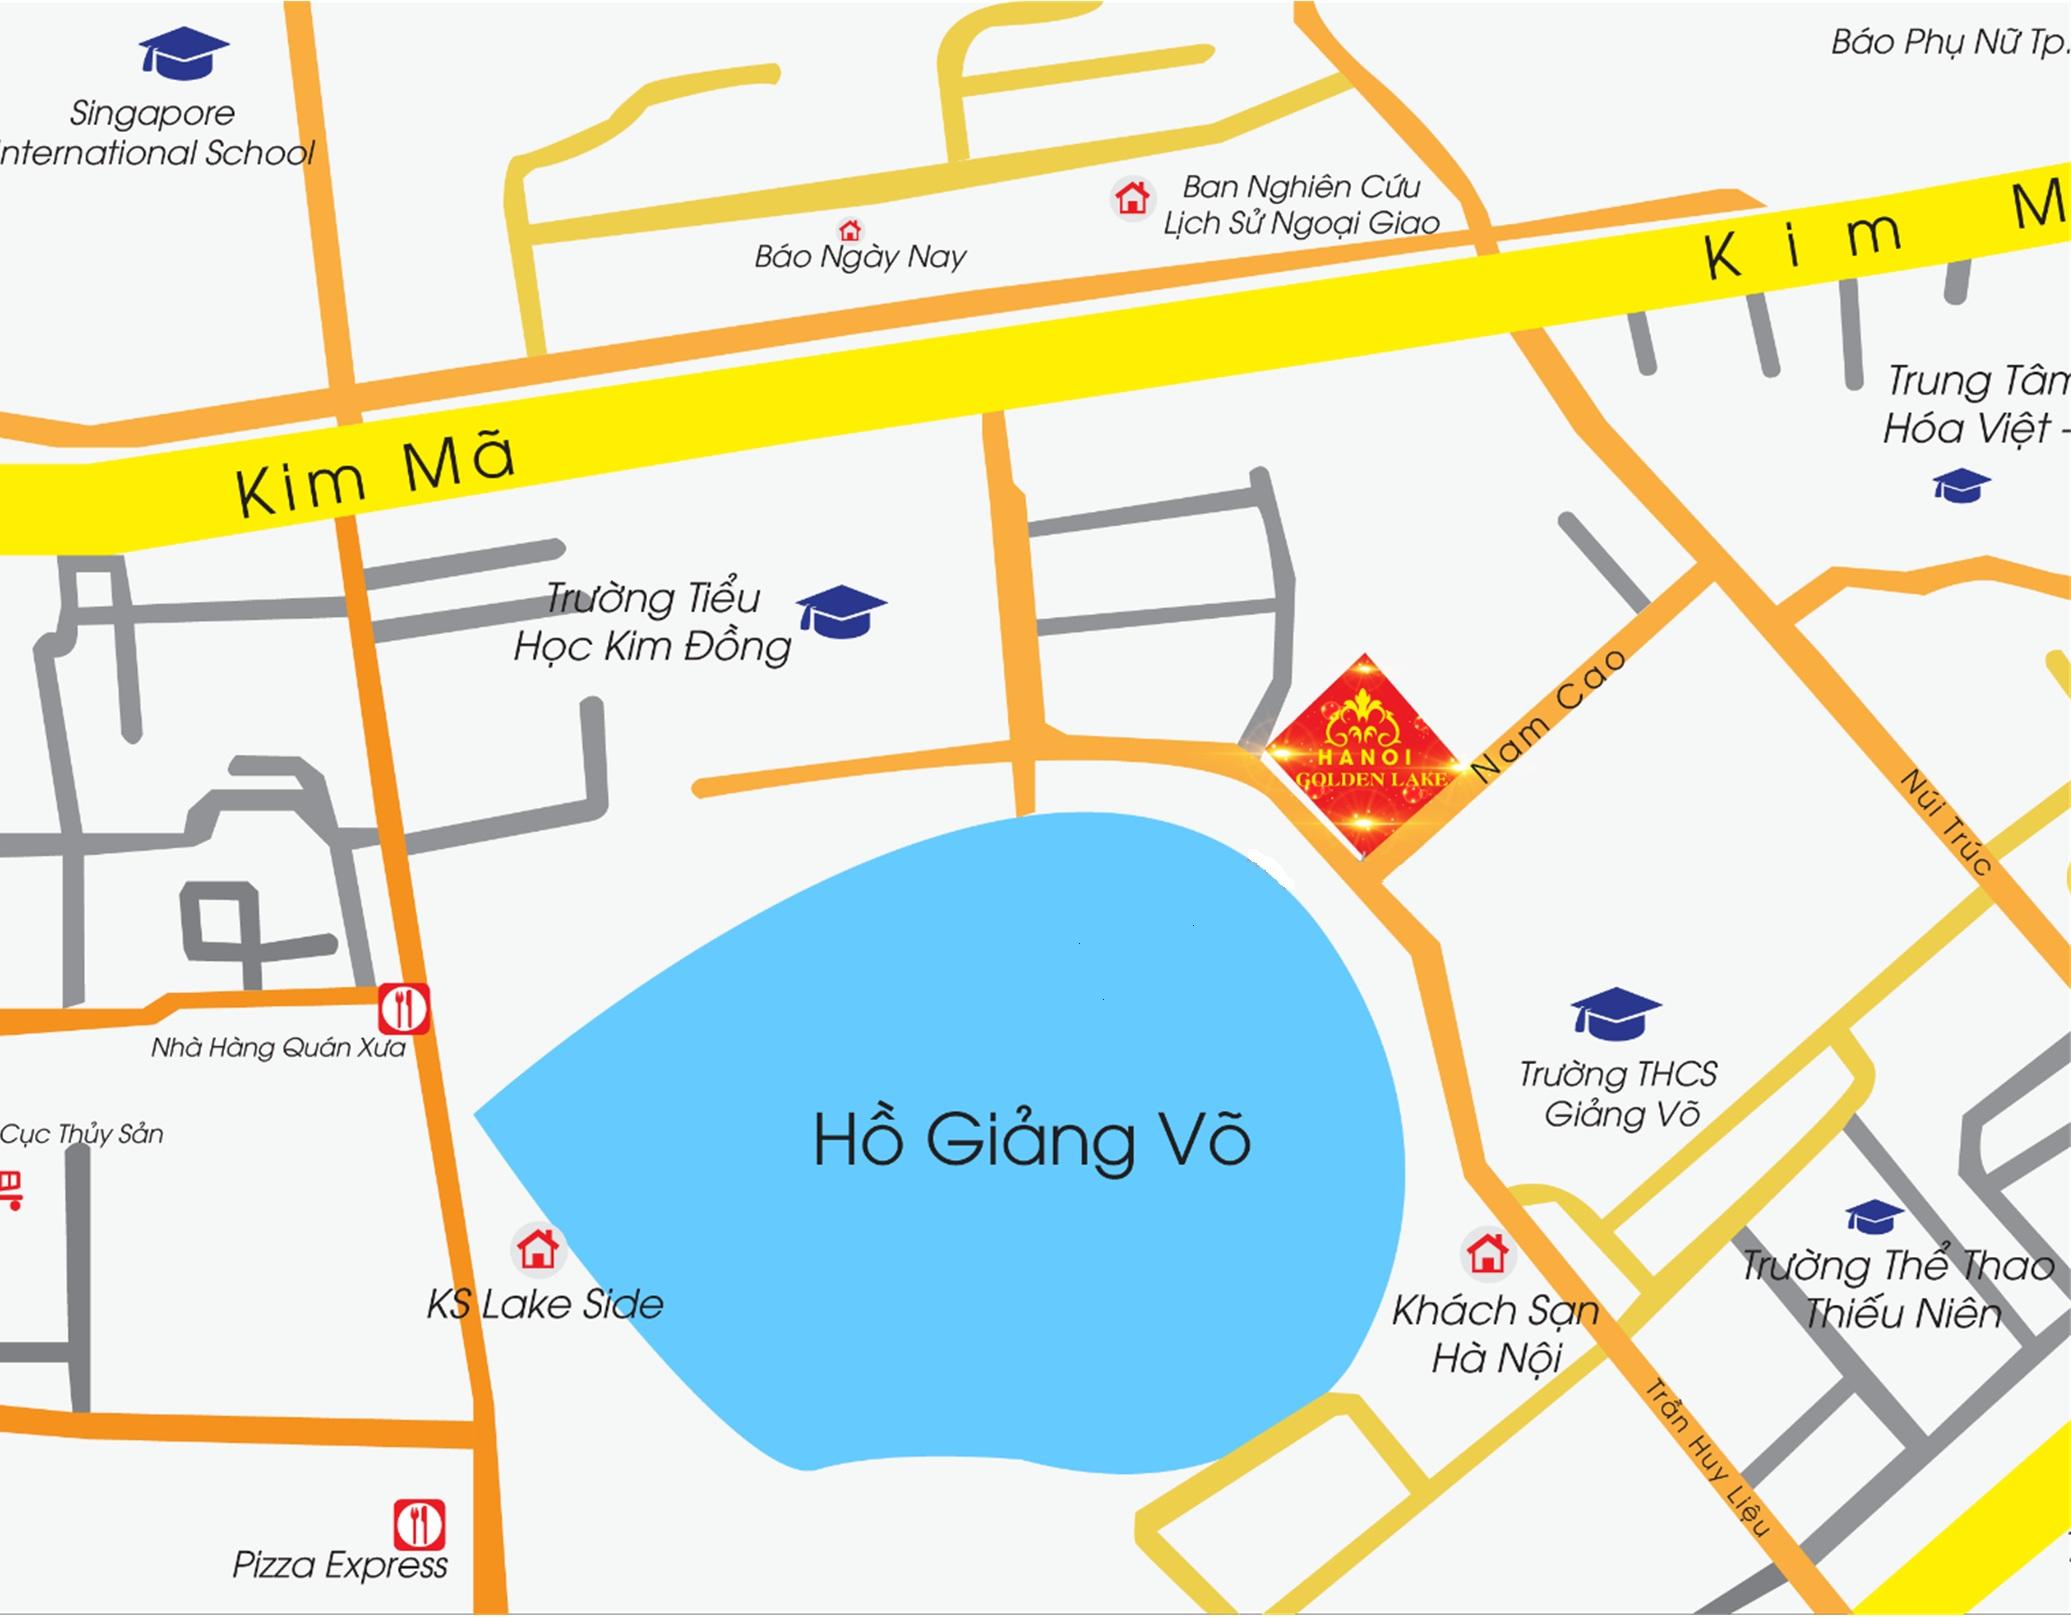 Hà Nội Golden Lake B7 Giảng Võ - Vị trí dự án